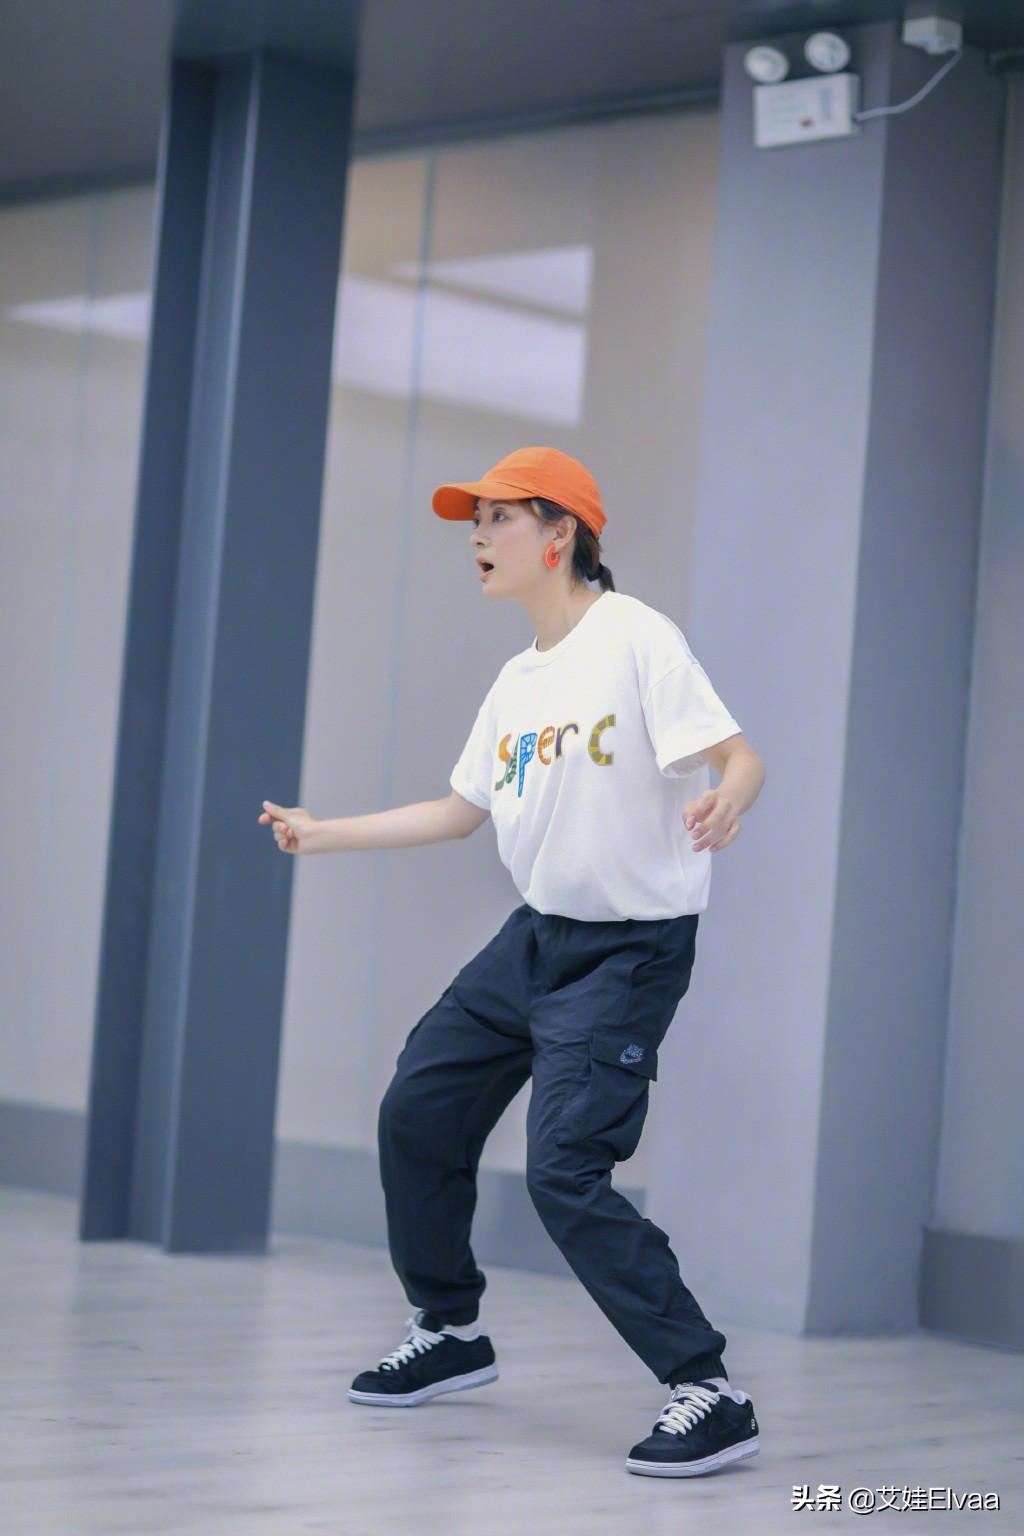 38岁孙俪真自律,穿T恤大清早练舞,罕见戴橙色耳环美得不敢认